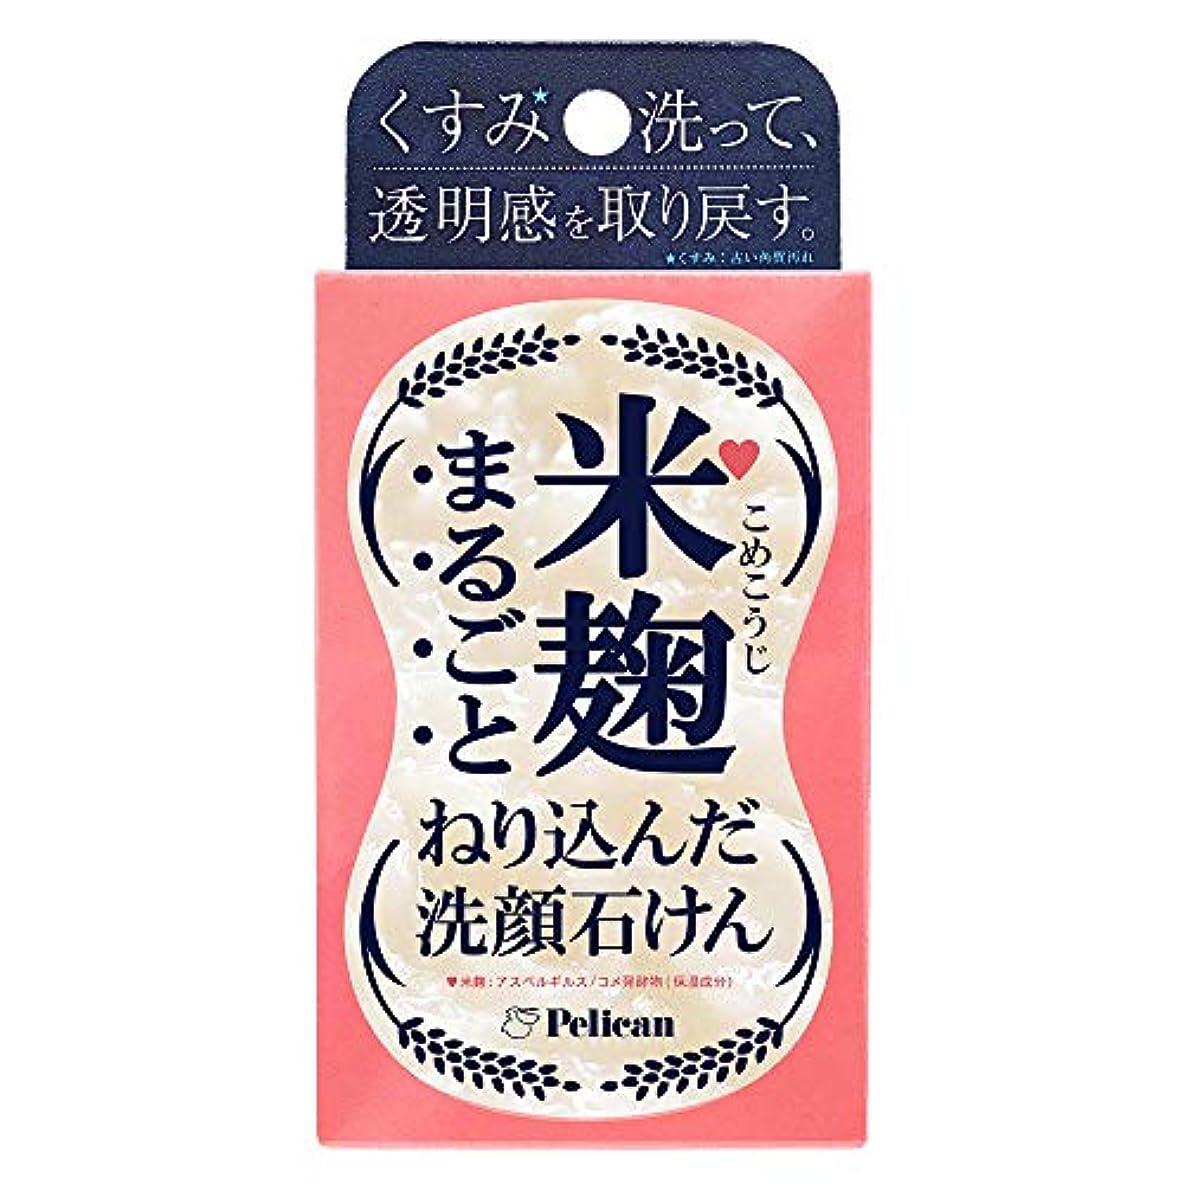 合金冗談で鮮やかなペリカン石鹸 米麹まるごとねり込んだ洗顔石けん 75g